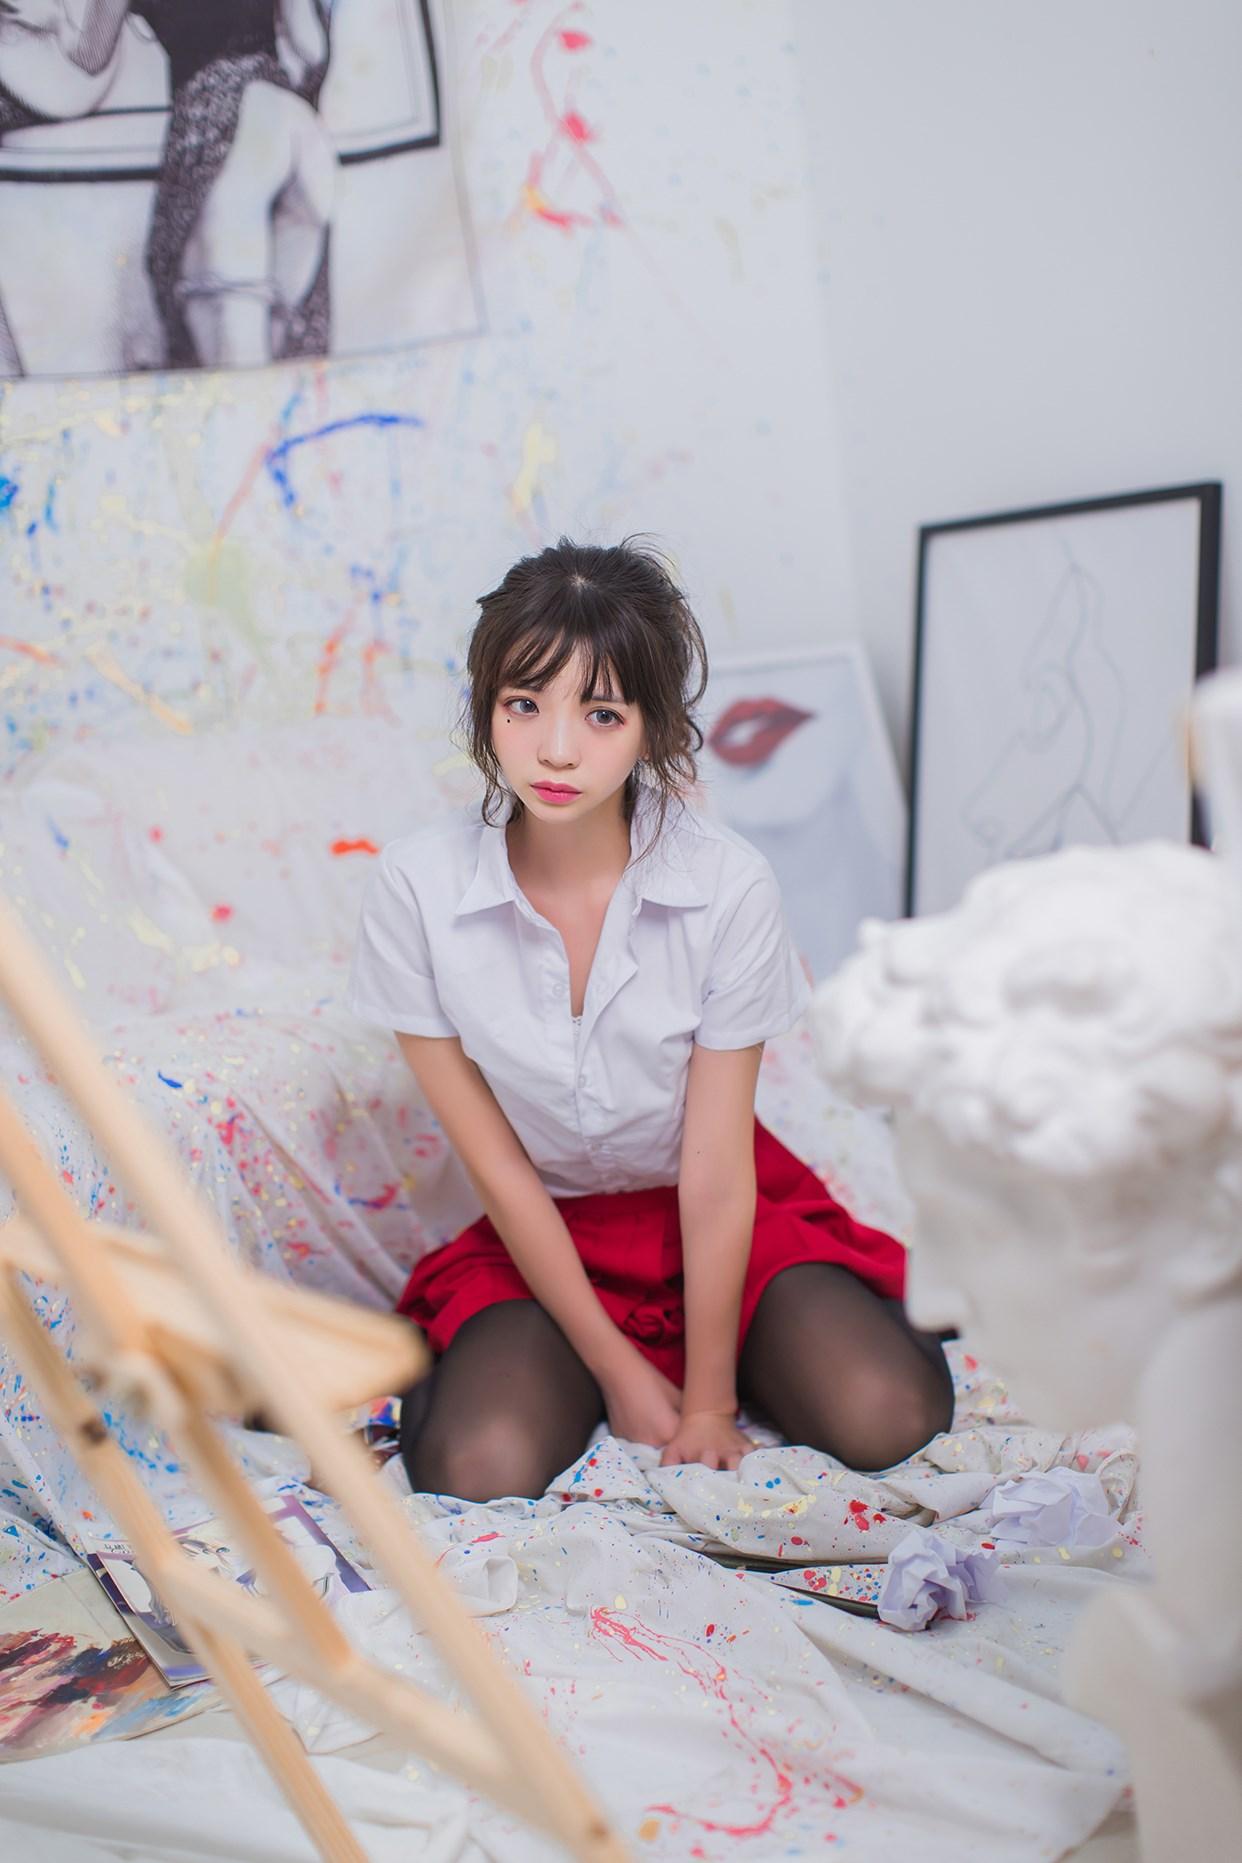 【兔玩映画】黑丝 · JK · 少女 兔玩映画 第17张